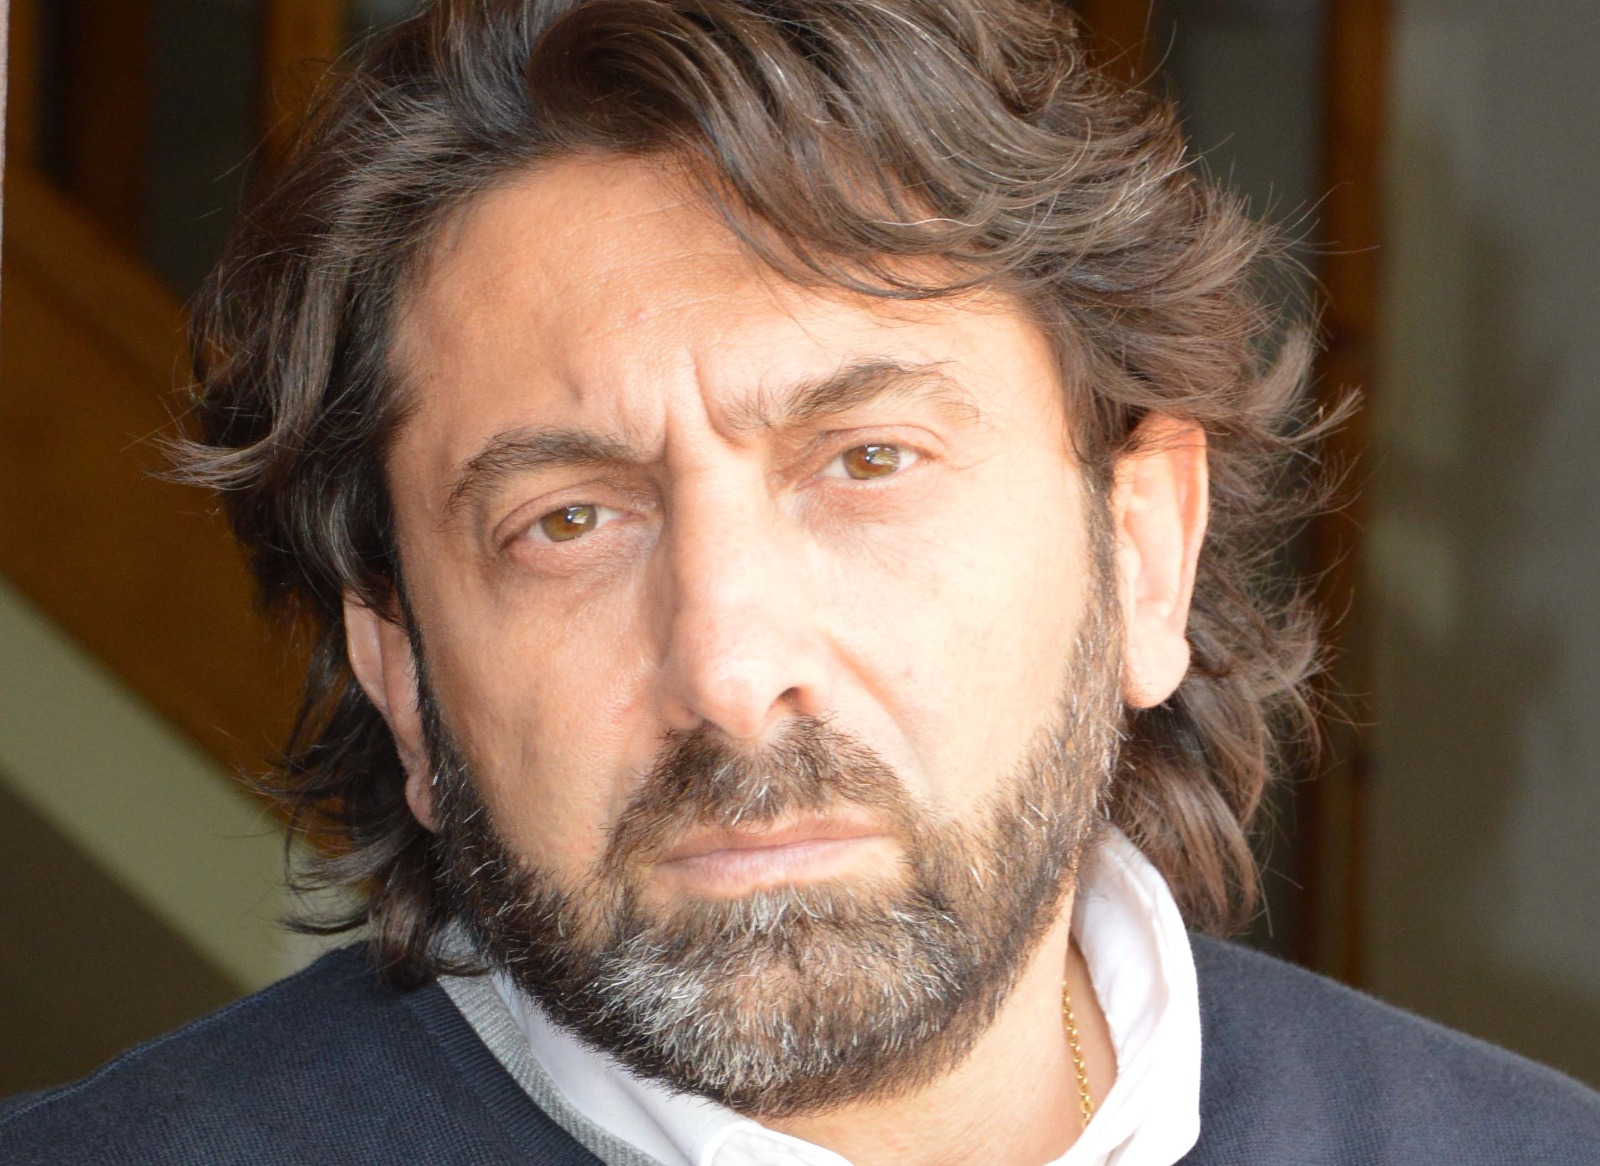 MAURIZIO PAGANO